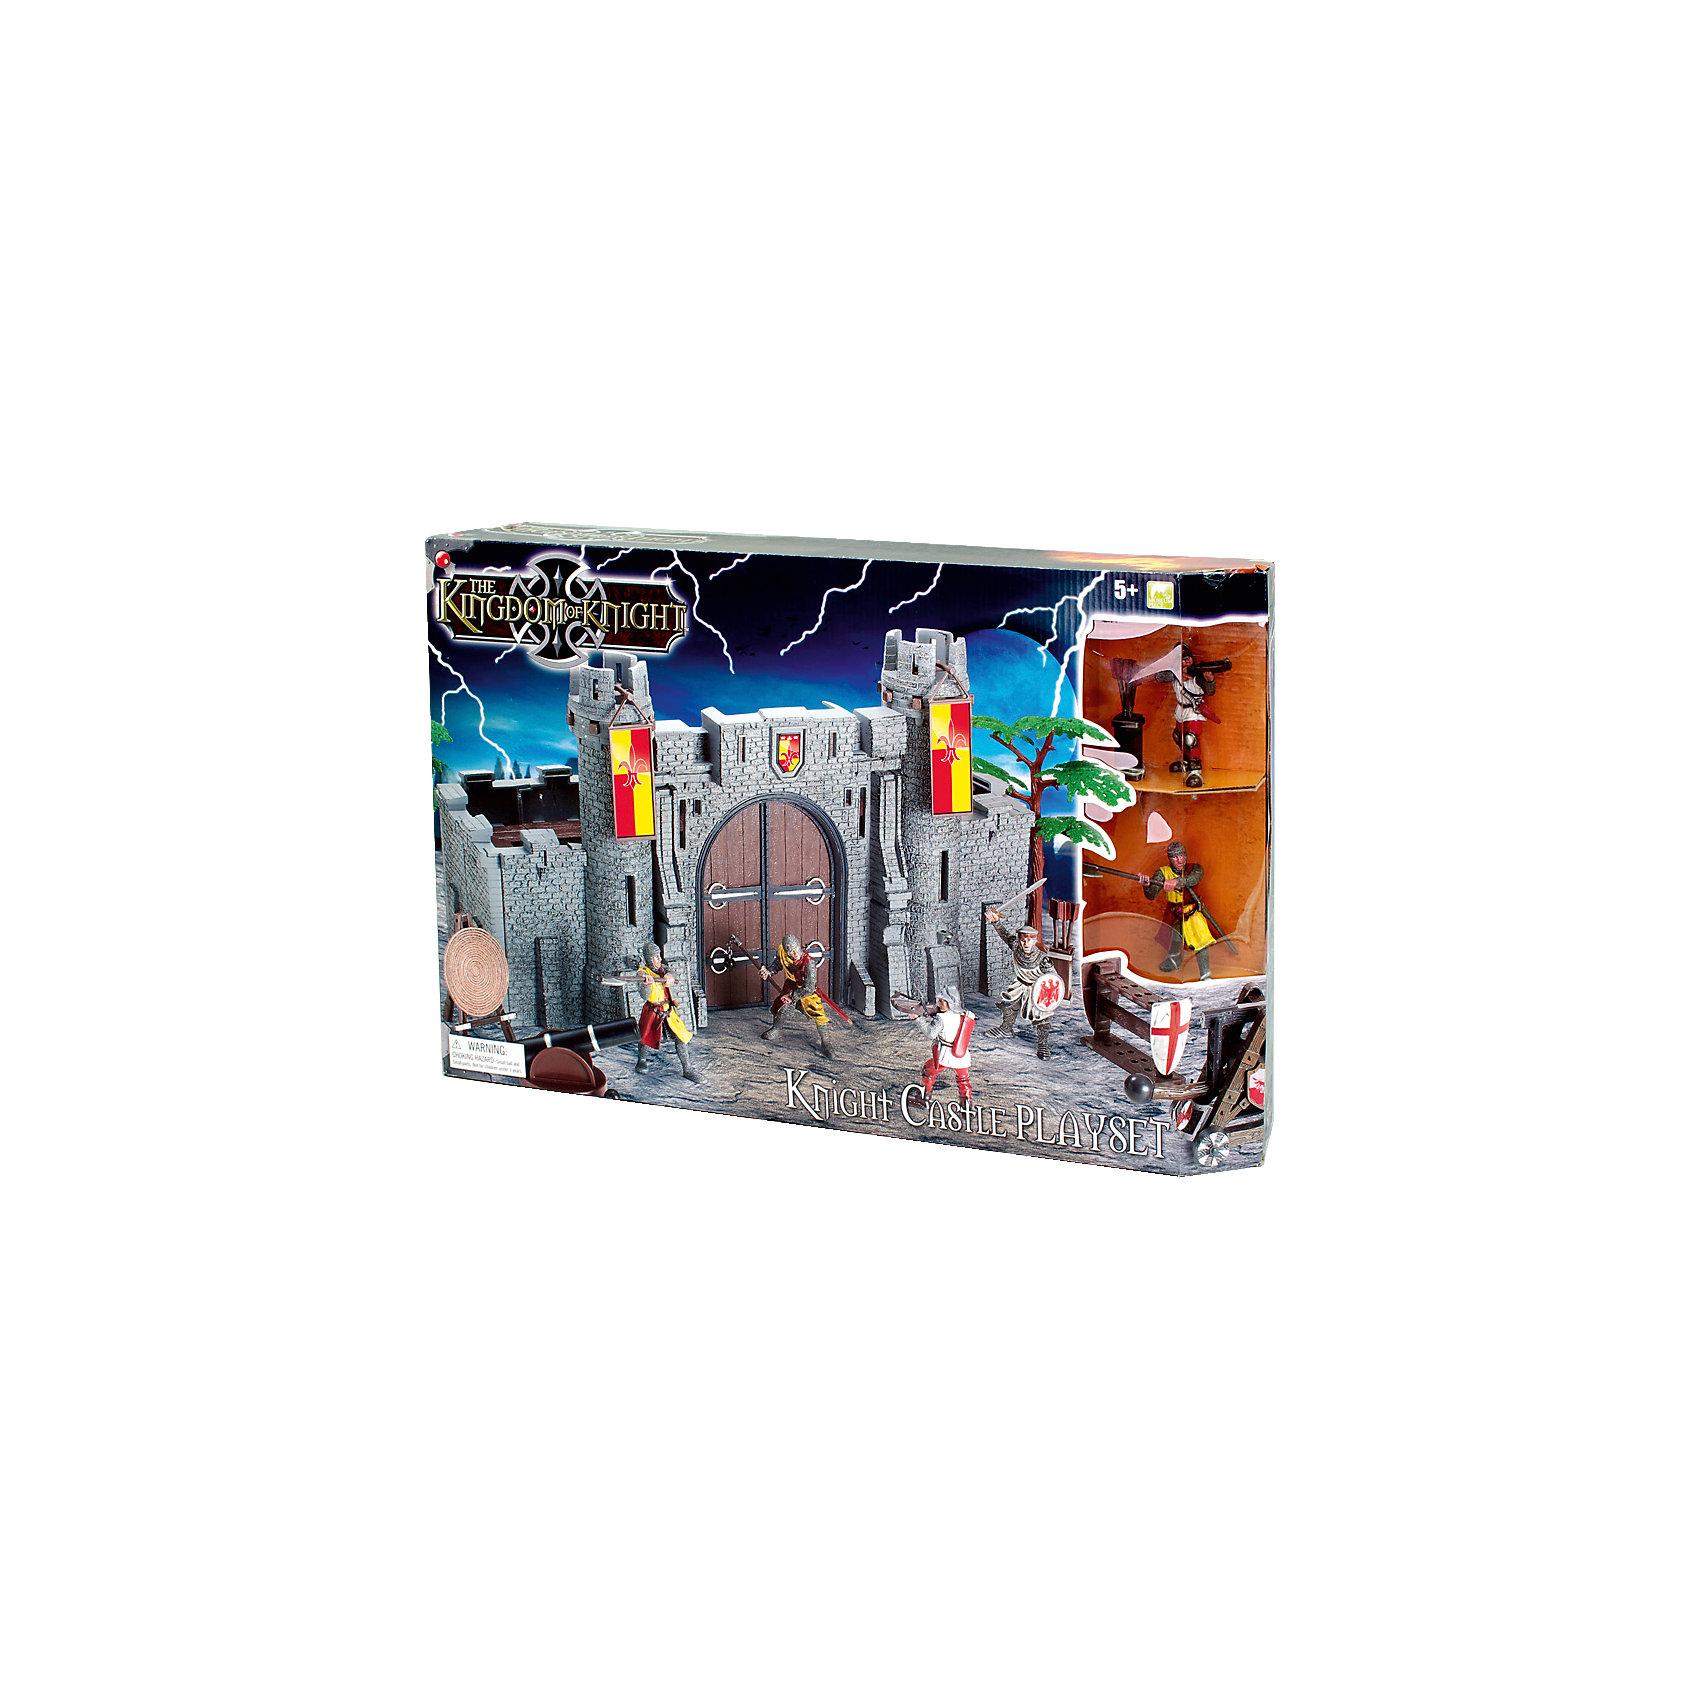 Набор Рыцарский замок, Toy MajorСолдатики и рыцари<br>Набор Рыцарский замок, Toy Major – этот игровой набор обязательно увлечет вашего ребенка.<br>Набор Рыцарский замок обязательно понравится любому мальчику, который любит истории о средневековых турнирах и отважных воинах. У замка есть открывающиеся ворота и две башни. Стены замка изготовлены из толстого пластика - создается впечатление, что это натуральный кирпич! Рыцари вооружены, а также у них есть специальное оборудование для осады замка. С набором можно придумать множество историй, которые увлекут вашего мальчика во времена средневековья. Все детали набора хорошо проработаны и максимально натуралистичны. Изготовлено из высококачественного пластика.<br><br>Дополнительная информация:<br><br>- В наборе: замок-крепость, 4 вооруженных рыцаря (высота 8 см), дерево, мишень, пушка, стойка для оружия со щитом, туба со стрелами, машина-таран<br>- Материал: пластик<br>- Размер упаковки: 35х35х20 см.<br>- Вес: 600 гр.<br><br>Набор Рыцарский замок, Toy Major можно купить в нашем интернет-магазине.<br><br>Ширина мм: 650<br>Глубина мм: 170<br>Высота мм: 500<br>Вес г: 1500<br>Возраст от месяцев: 36<br>Возраст до месяцев: 96<br>Пол: Мужской<br>Возраст: Детский<br>SKU: 4747489